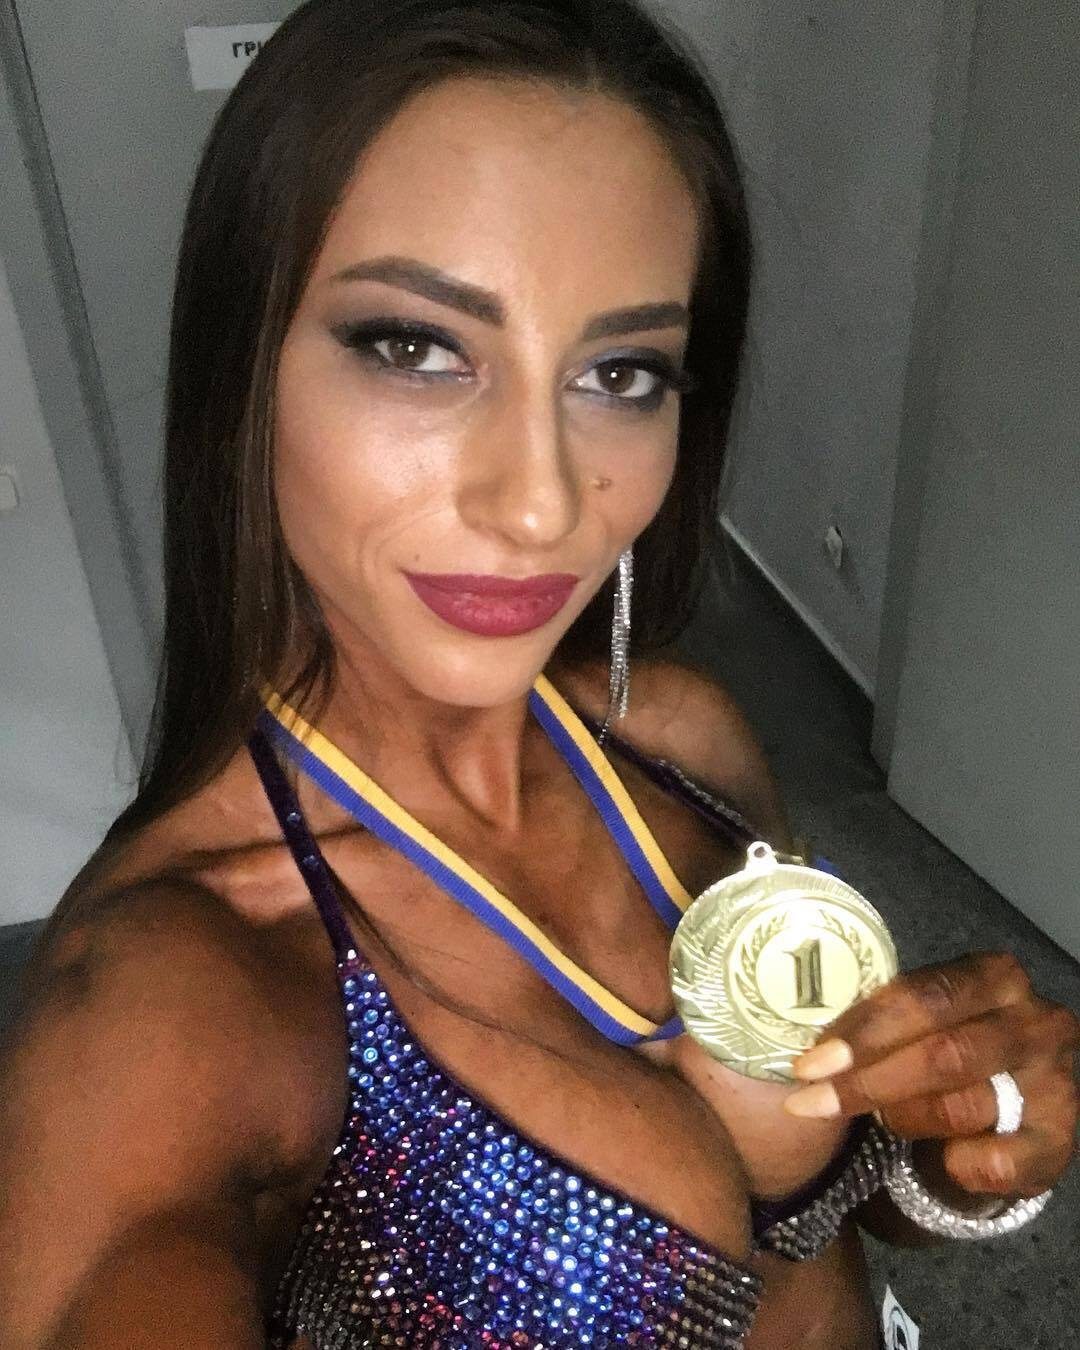 Юлія Висоцька з медаллю за перше місце